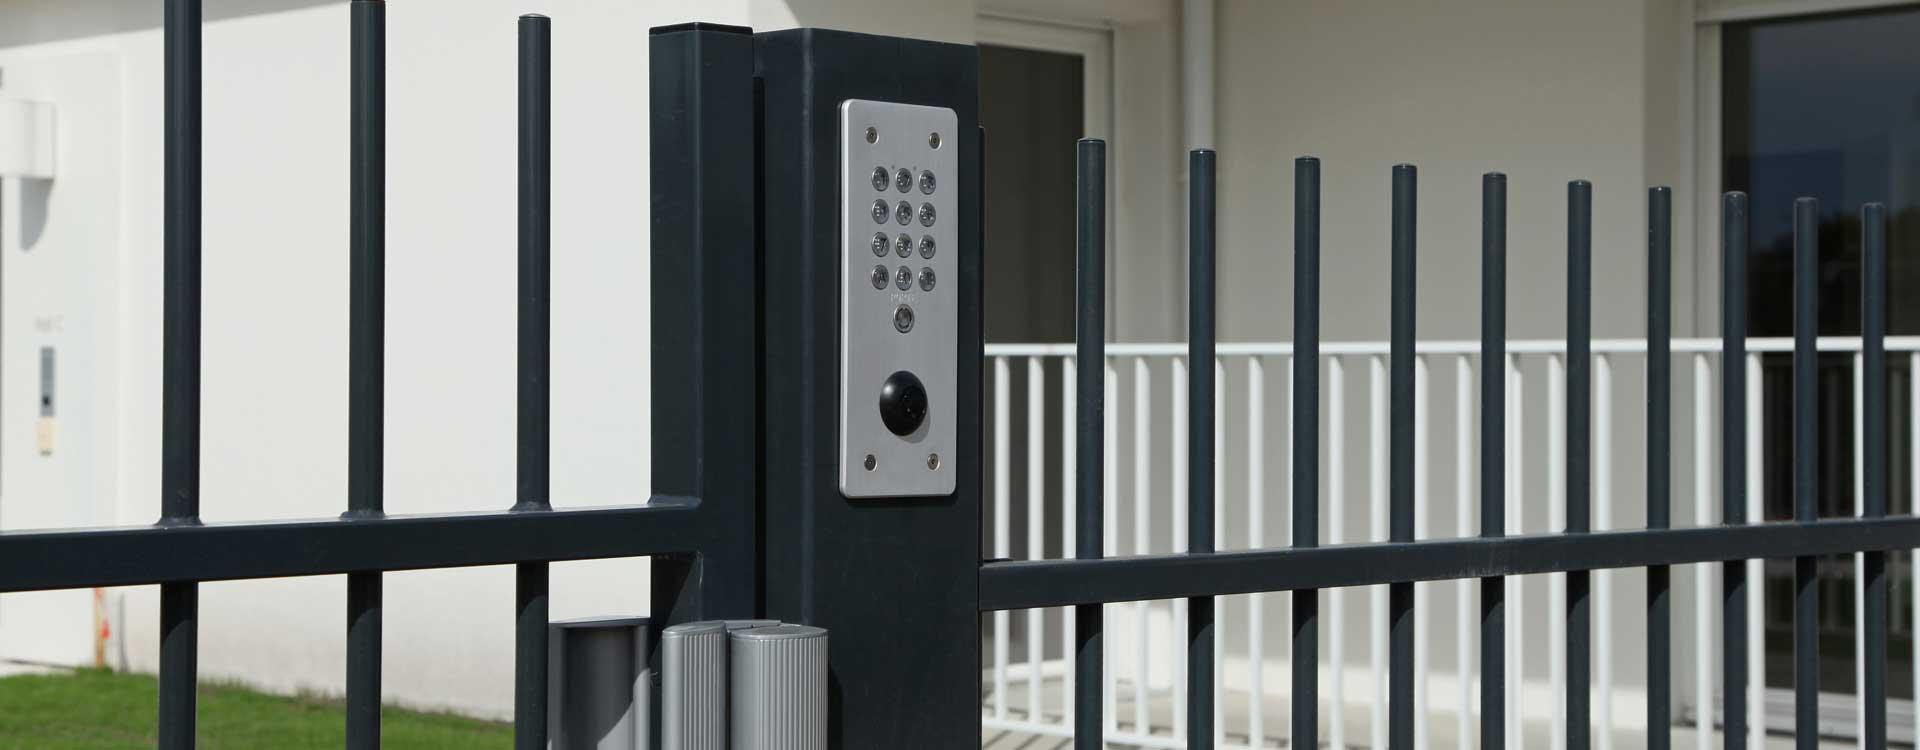 L'installation d'un digicode pour sécuriser l'entrée